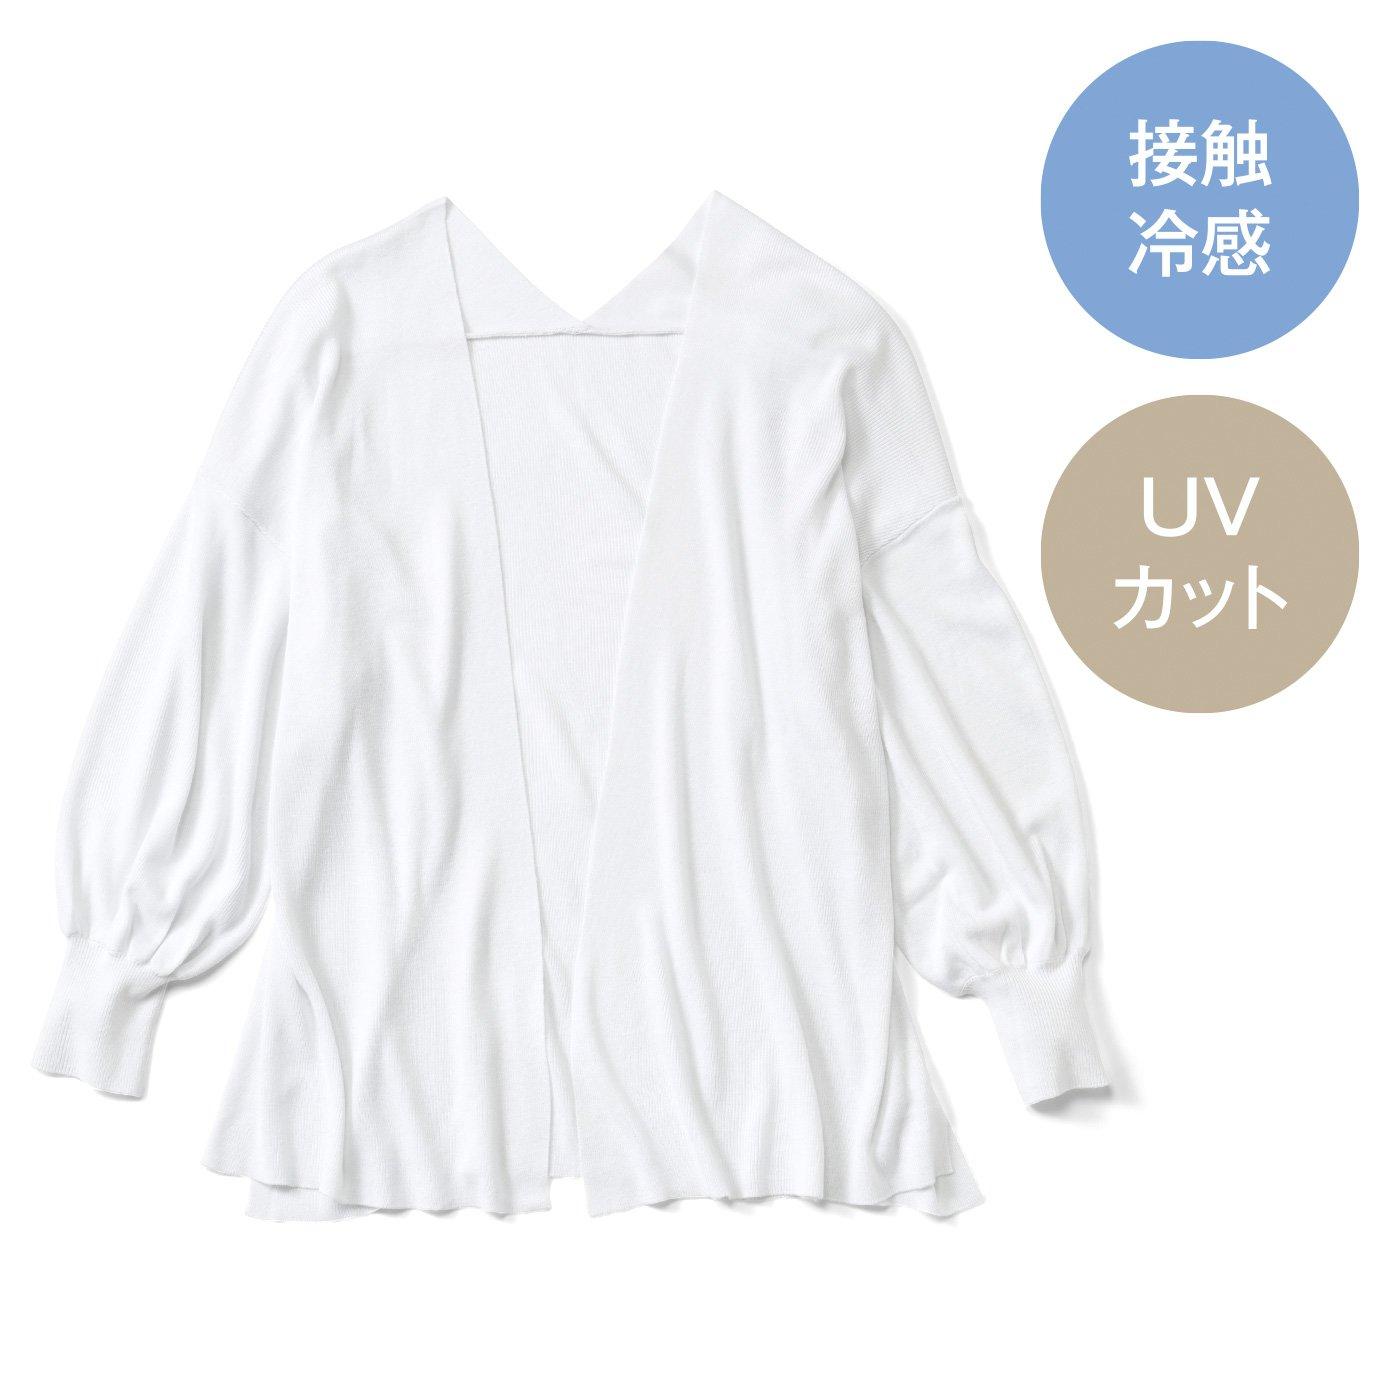 【3~10日でお届け】IEDIT[イディット] 接触冷感素材が気持ちいい 強撚(きょうねん)UVカットニットボレロ〈ホワイト〉